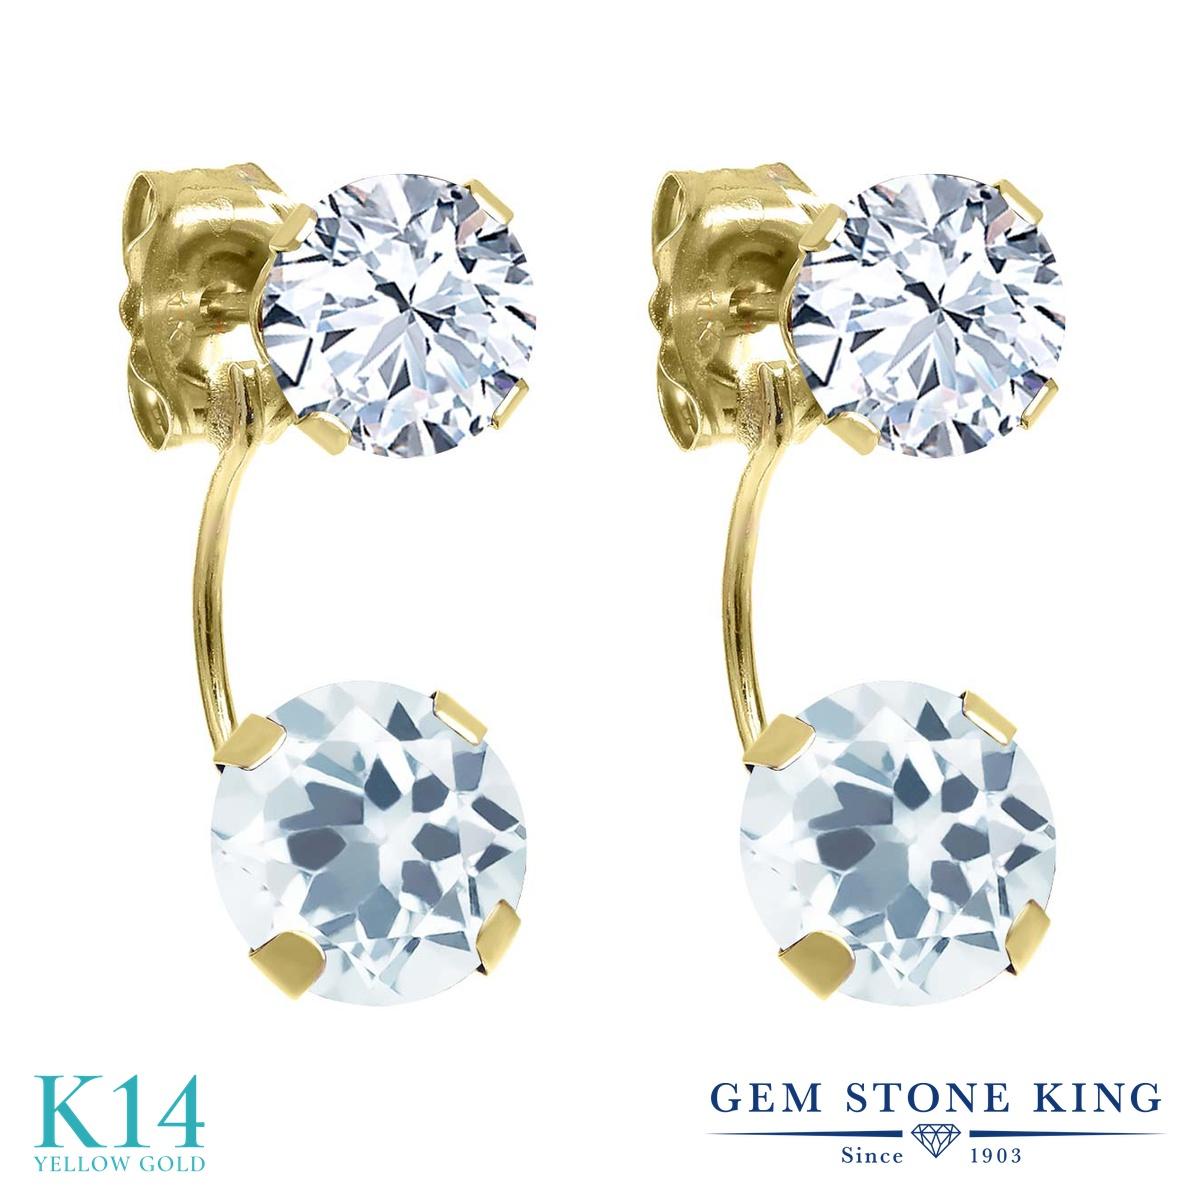 Gem Stone King 2.7カラット 天然アクアマリン 天然トパーズ(無色透明) 14金 イエローゴールド(K14) ピアス レディース ぶら下がり 天然石 誕生石 金属アレルギー対応 誕生日プレゼント